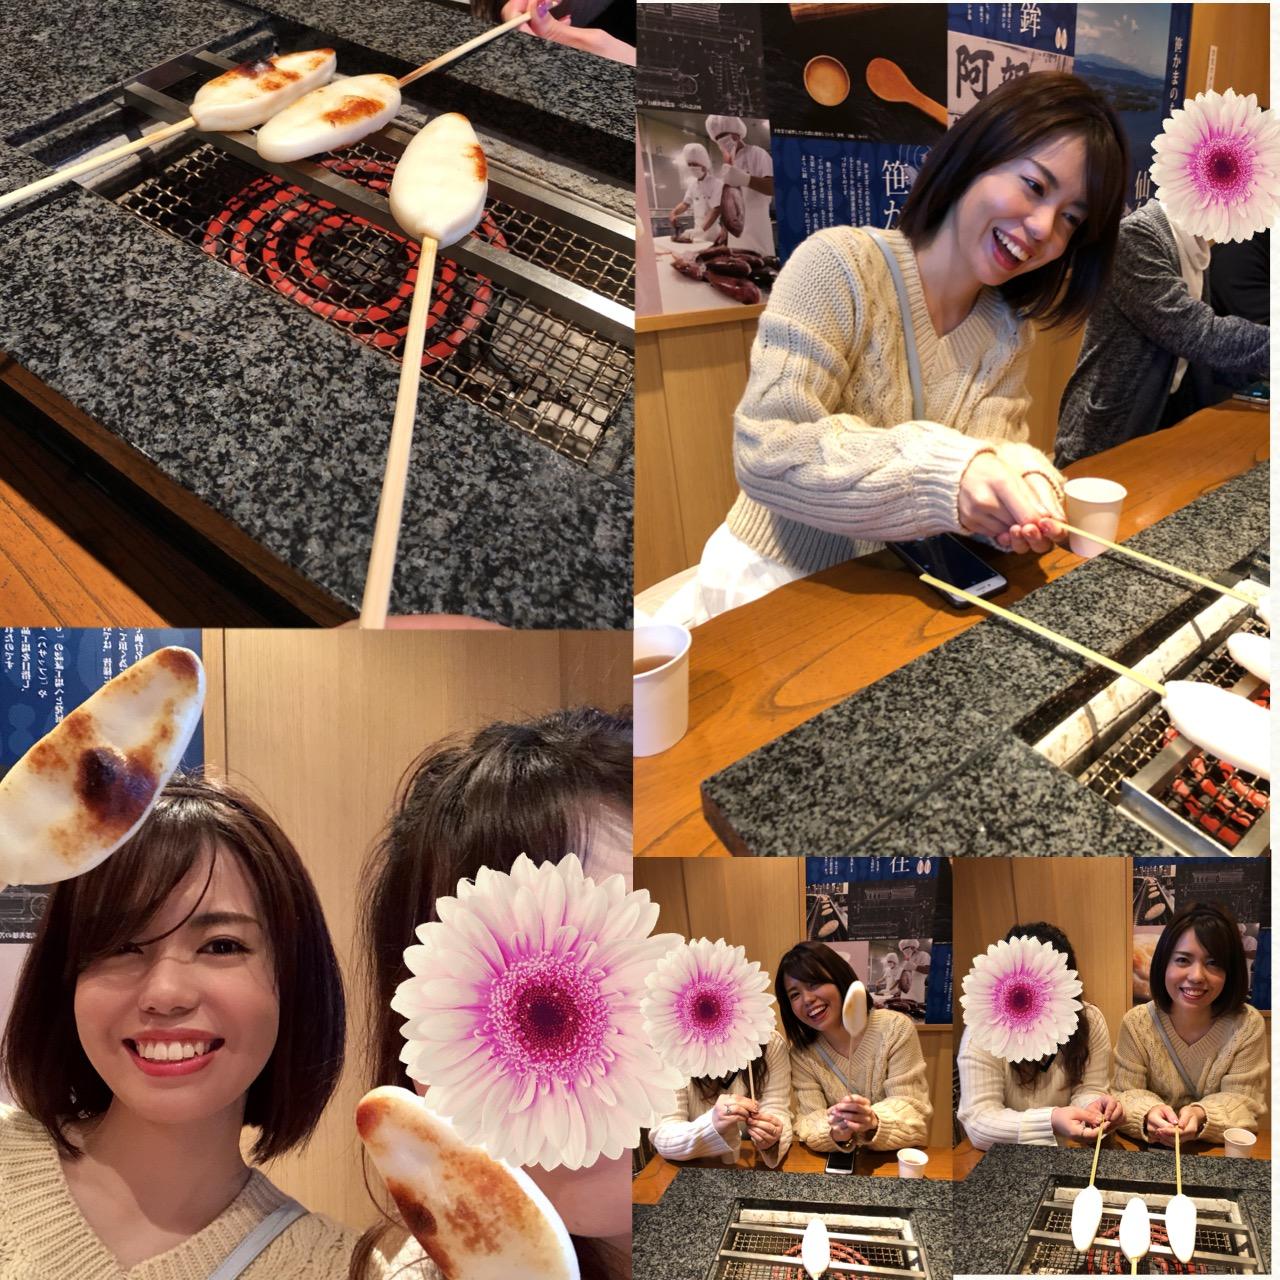 <女子旅>いくぜ、仙台・松島!1泊2日の弾丸女子旅におすすめのスポットはココだ♡_4